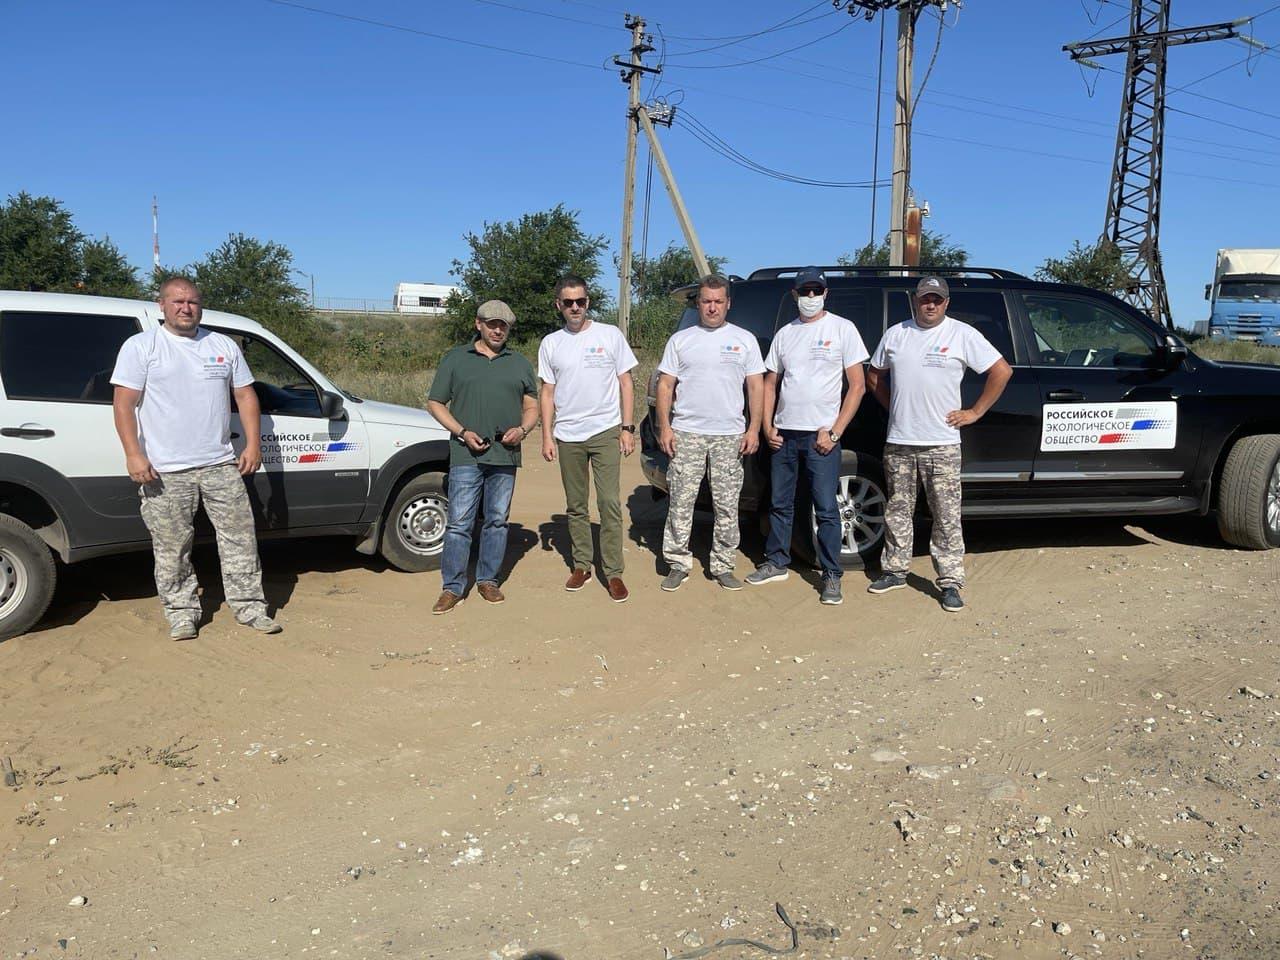 Депутат Госдумы Николай Николаев принял участие в инспекционном выезде Российского экологического общества